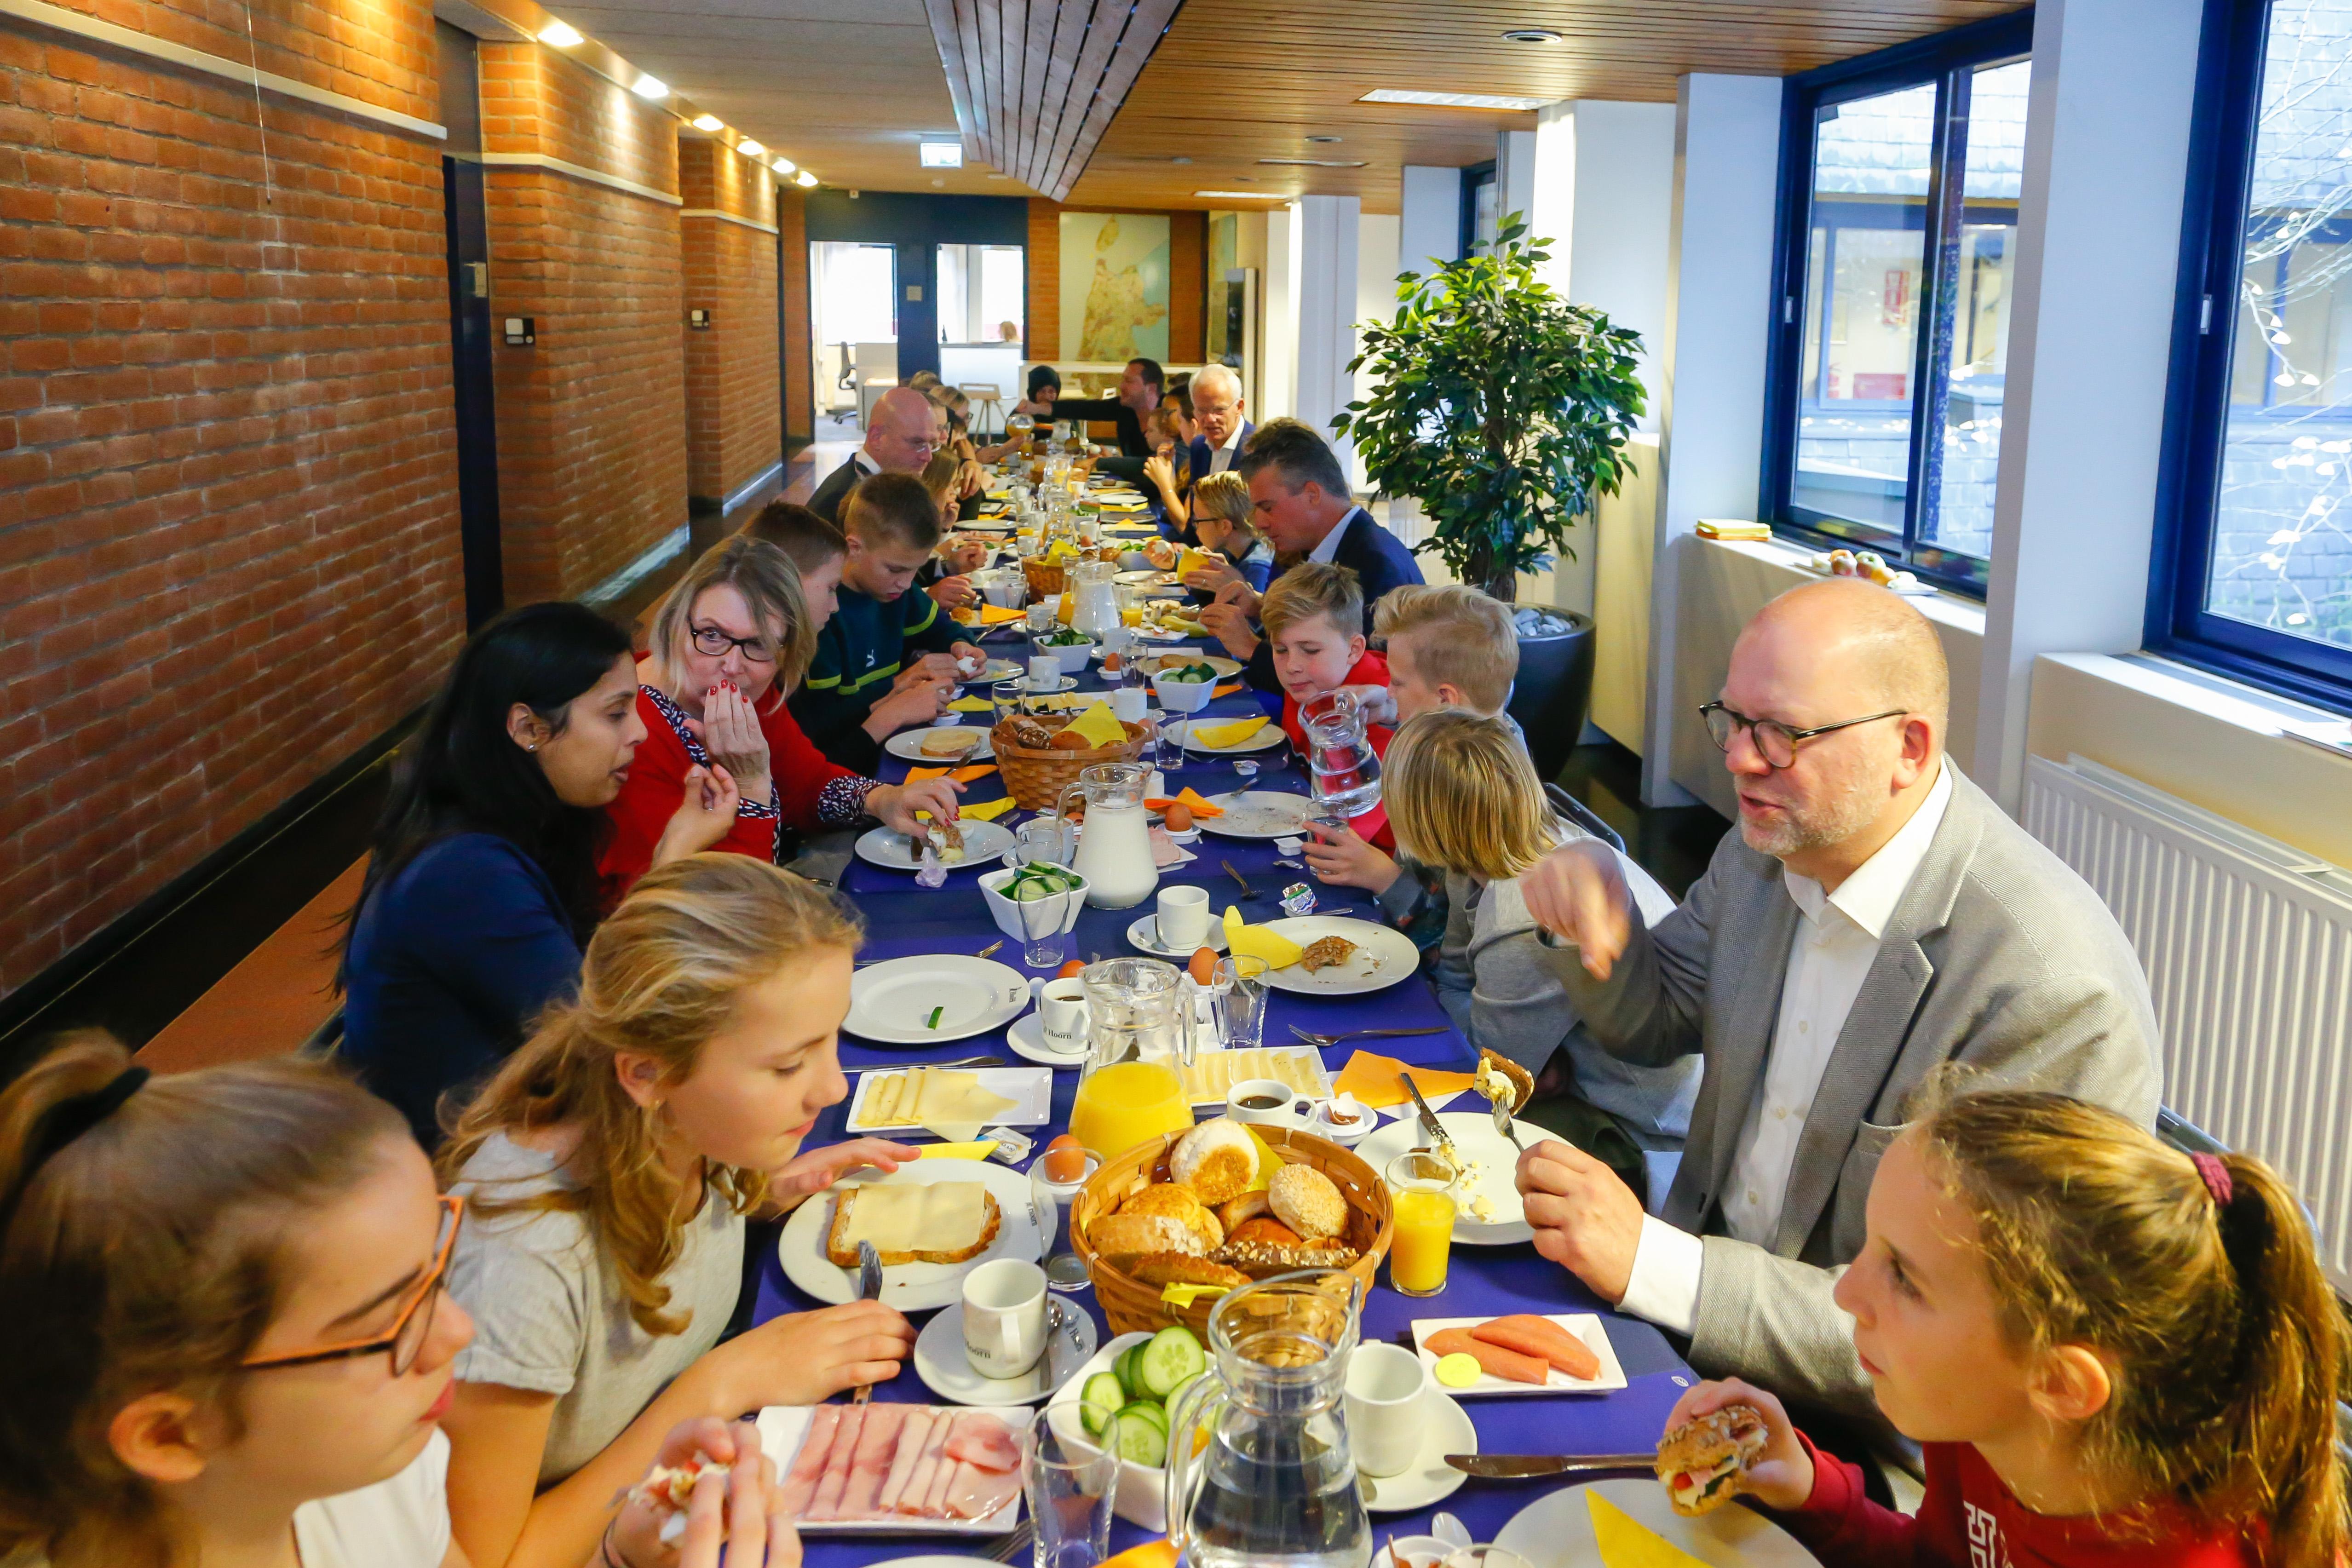 Brugpiepers aan eettafel met burgemeester en wethouders van Hoorn; 'Mijn ontbijt schiet er nog wel eens bij in'